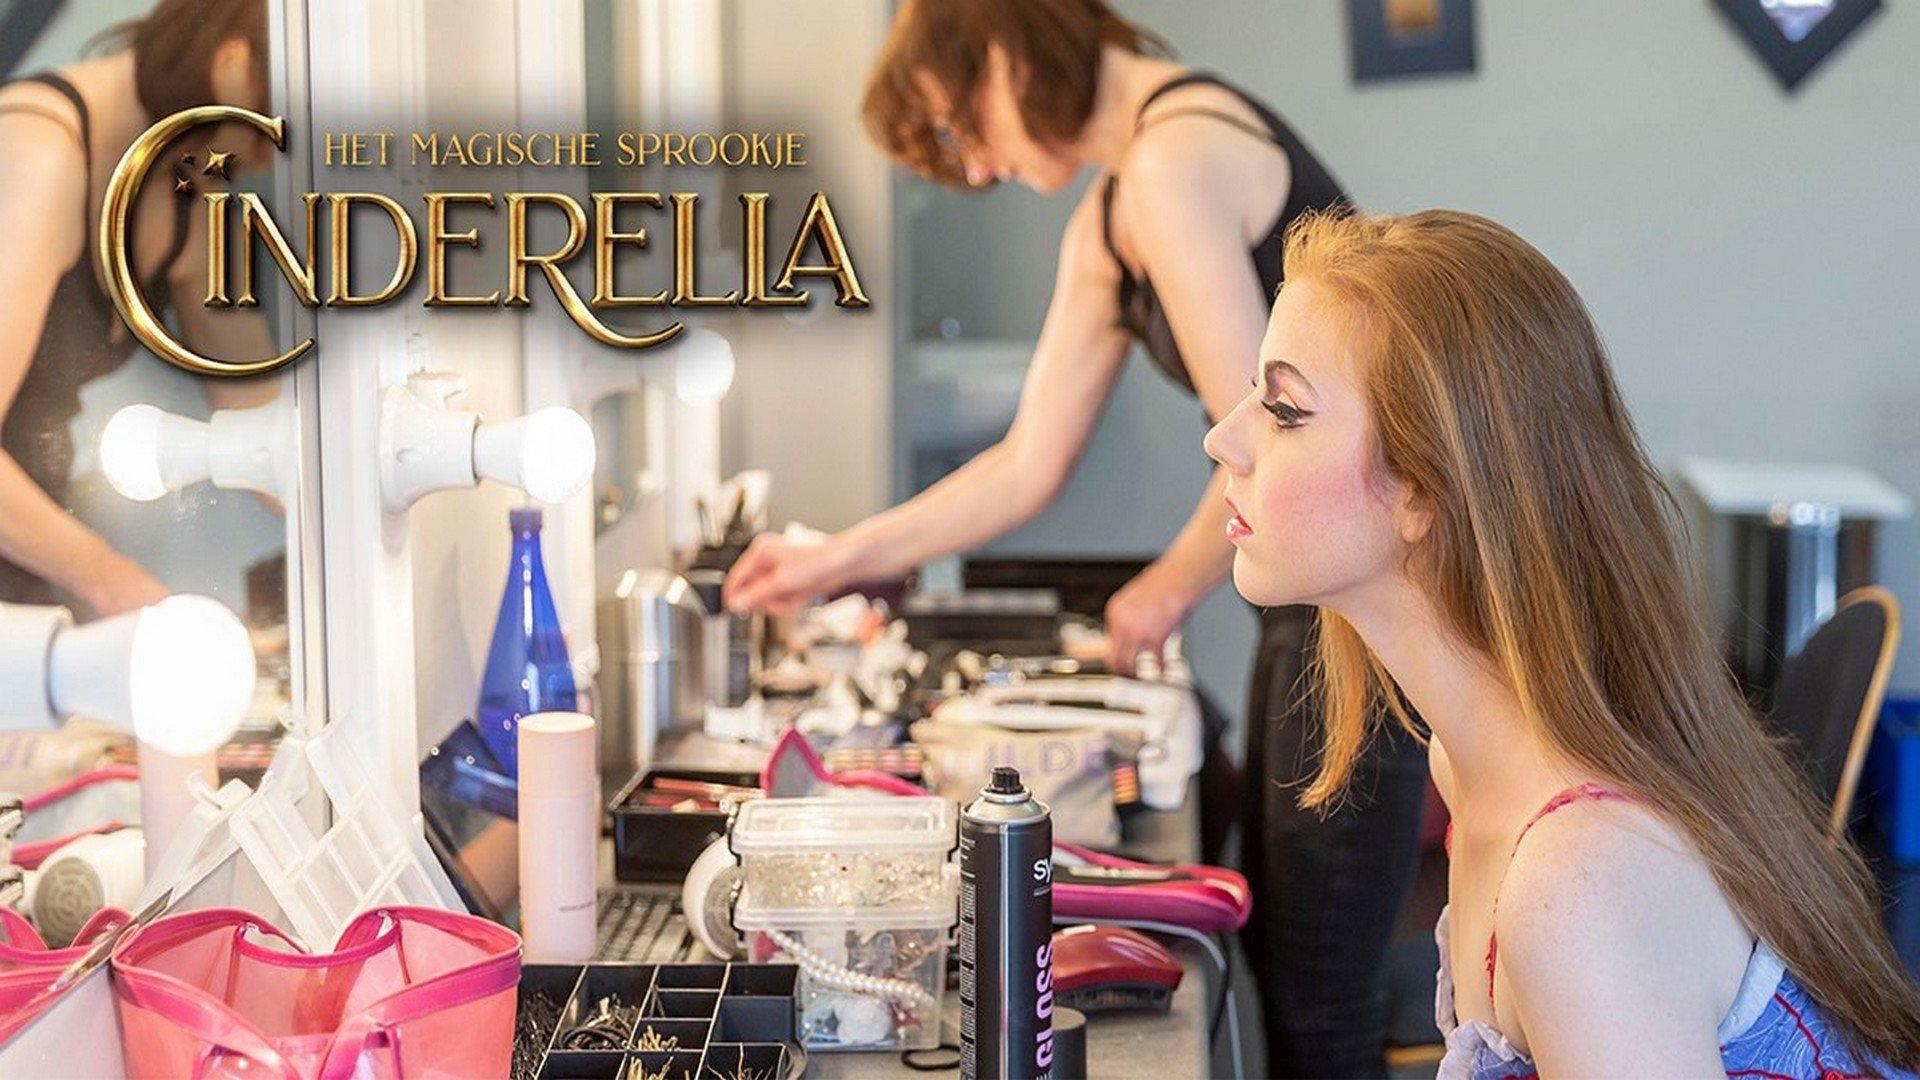 Music Hall presenteert magisch sprookje 'Cinderella' - Cinderella3